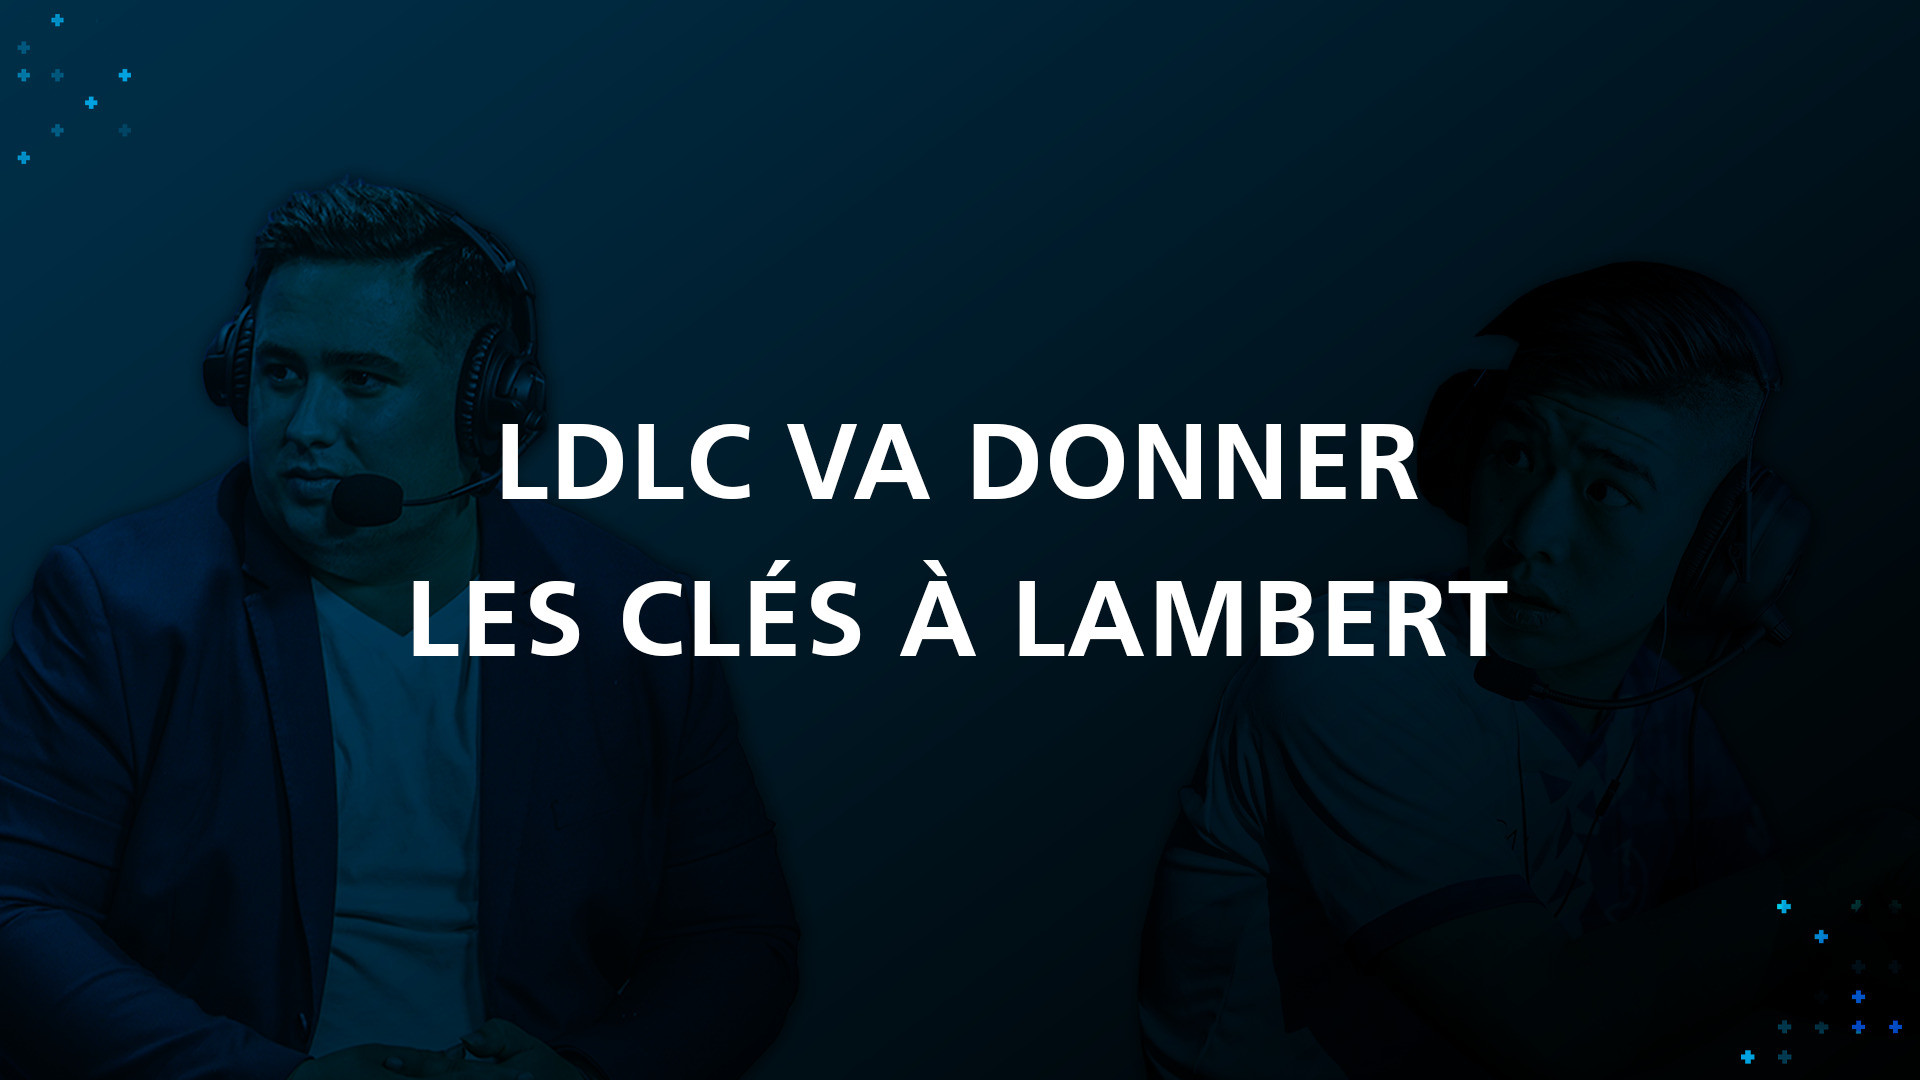 LDLC OL va donner les clés à Lambert